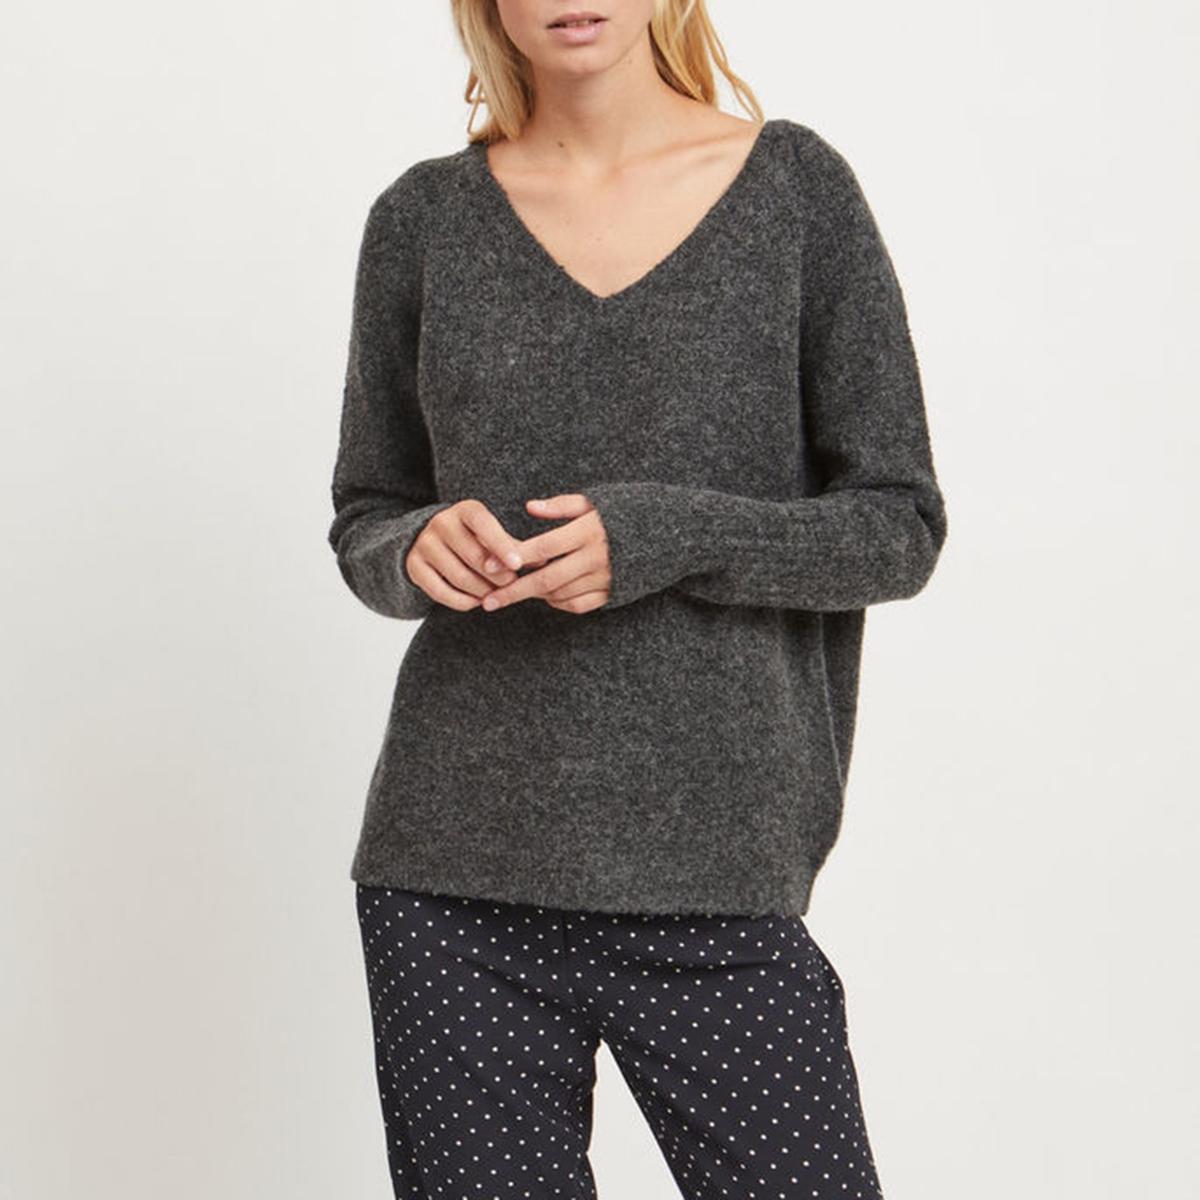 Пуловер Viplace,треугольный вырез